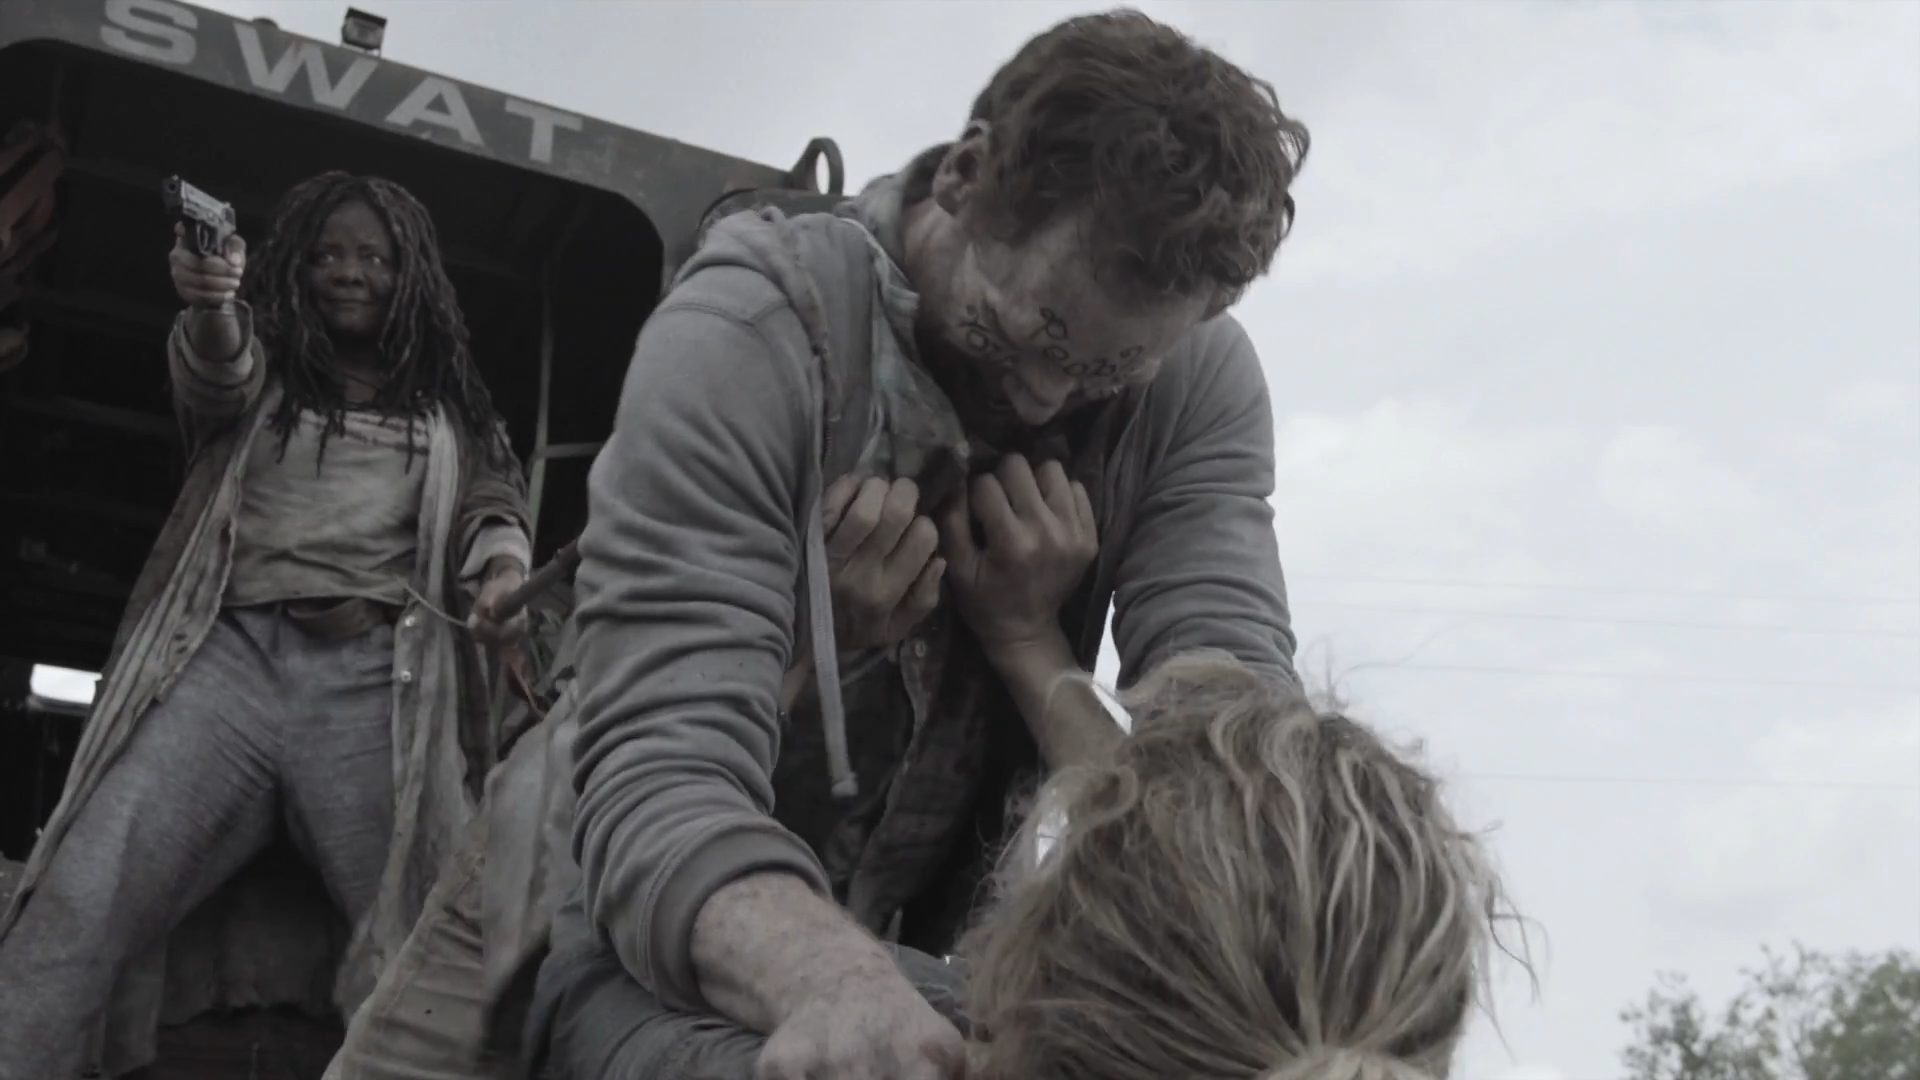 Fear The Walking Dead | Inside the Episode 4X14